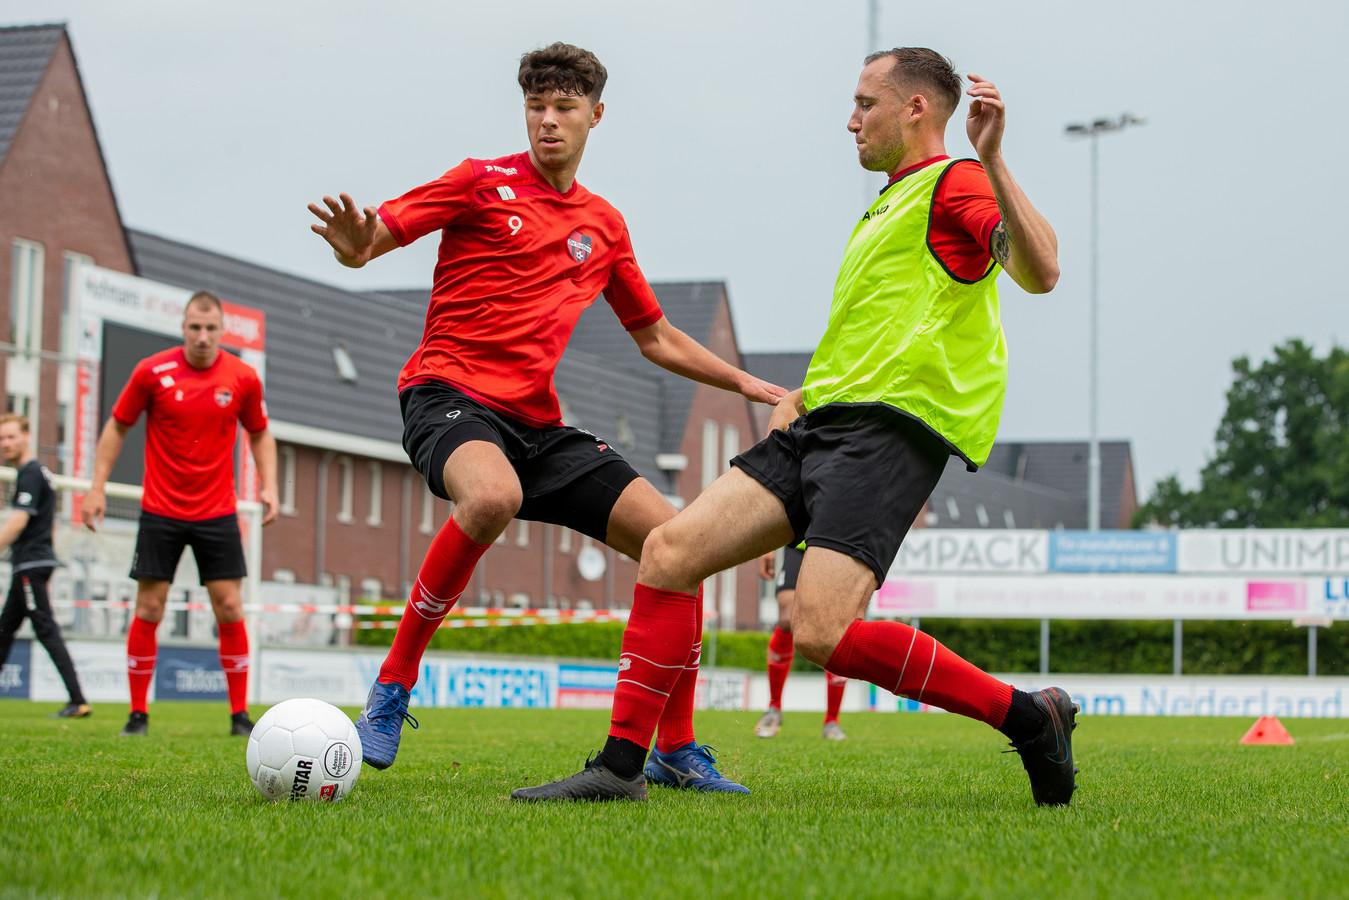 Ricardo Ippel (rechts) is Jordy de Lorme te snel af op de eerste training van De Trefffers.